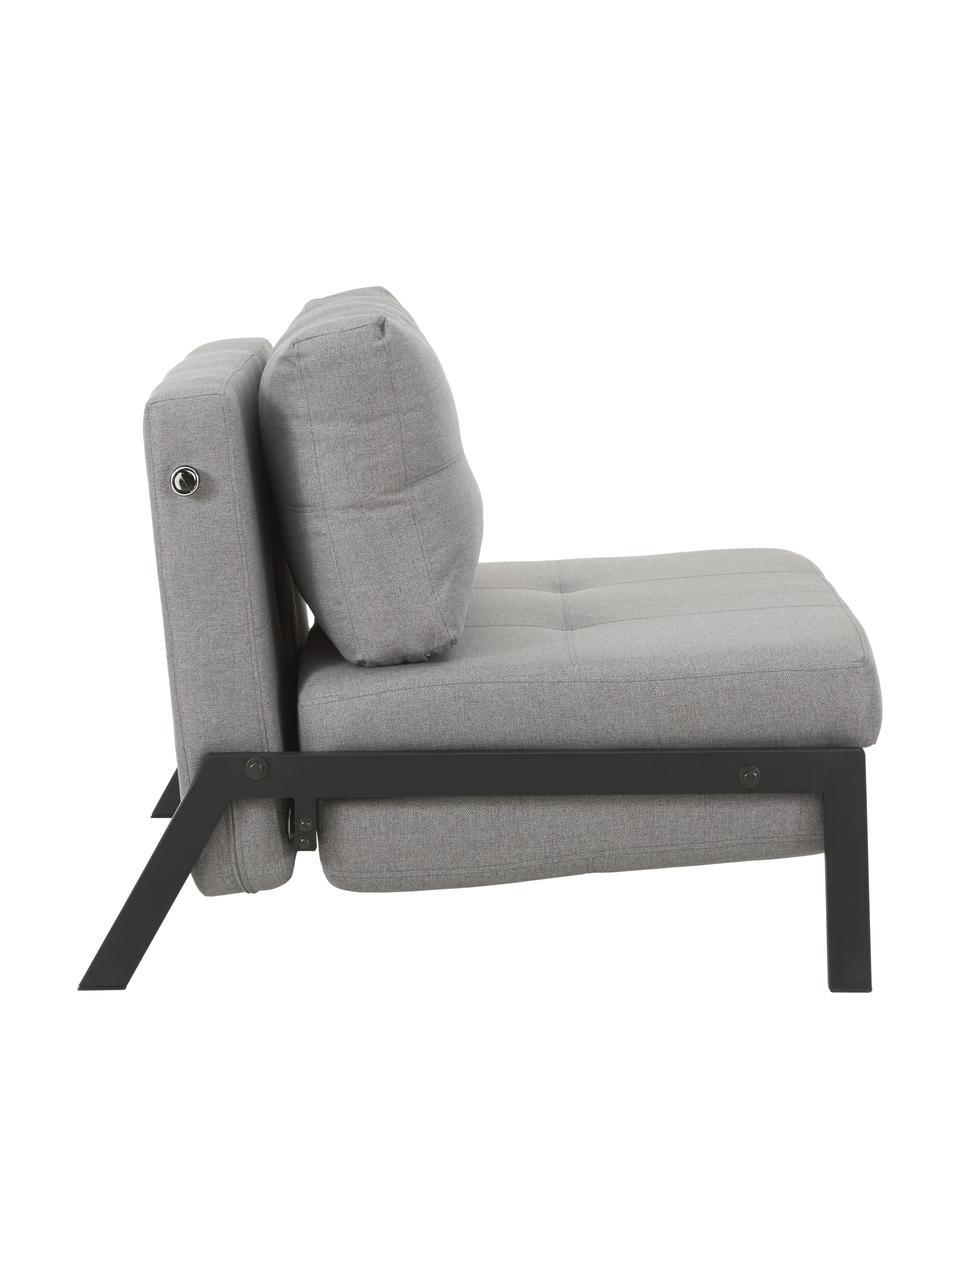 Schlafsessel Edward in Hellgrau mit Metall-Füßen, ausklappbar, Bezug: 100% Polyester 40.000 Sch, Webstoff Hellgrau, B 96 x T 98 cm